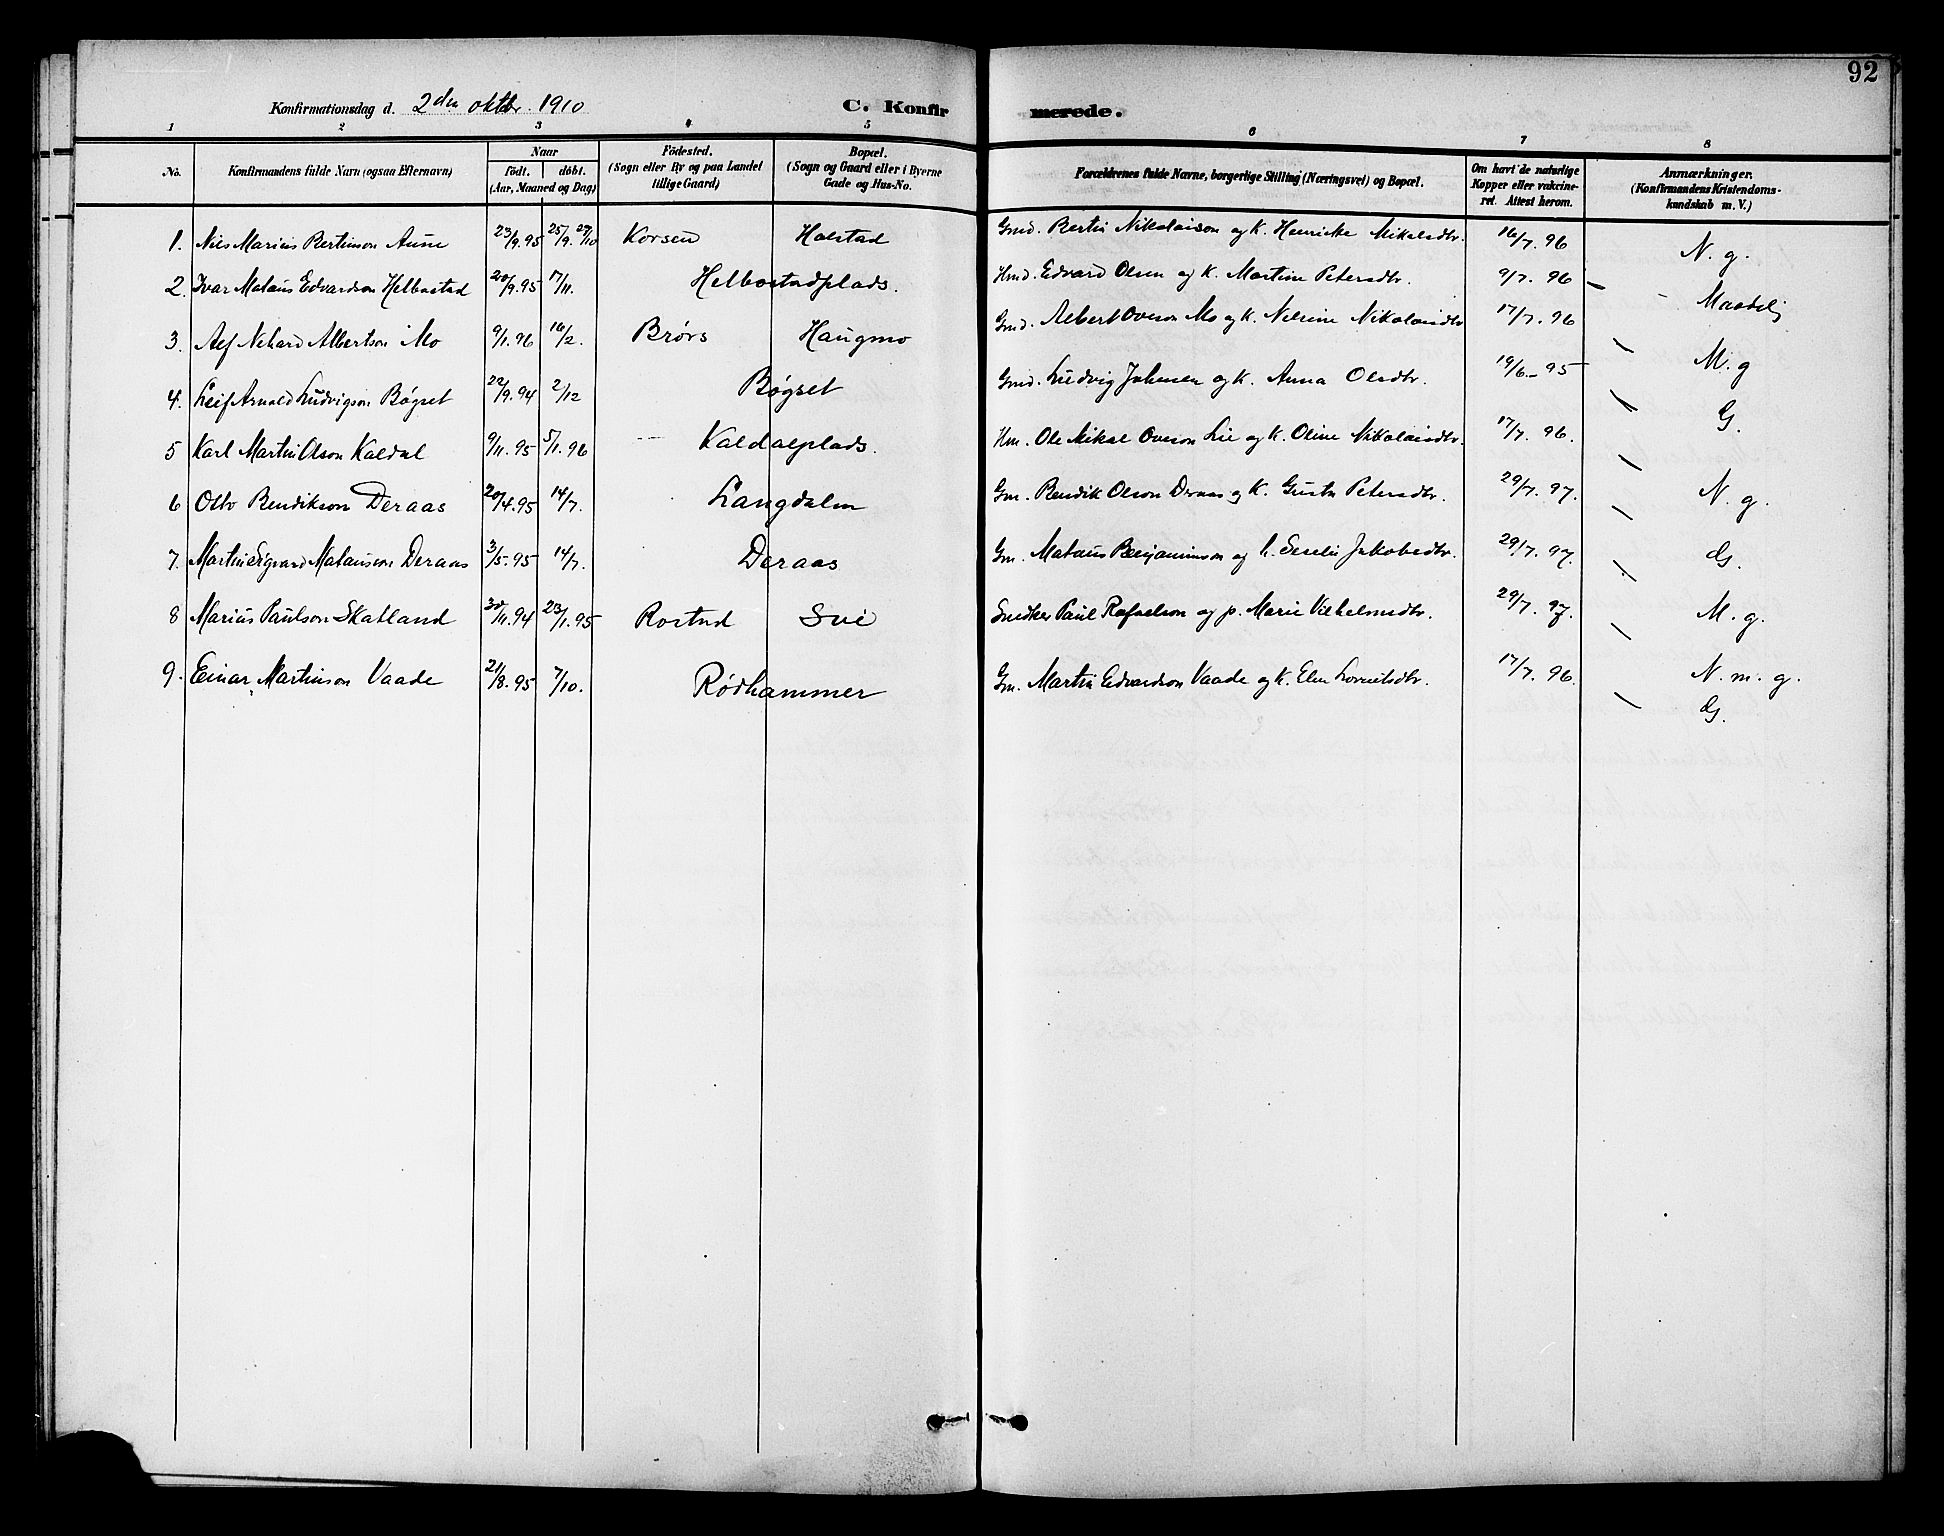 SAT, Ministerialprotokoller, klokkerbøker og fødselsregistre - Nord-Trøndelag, 742/L0412: Klokkerbok nr. 742C03, 1898-1910, s. 92